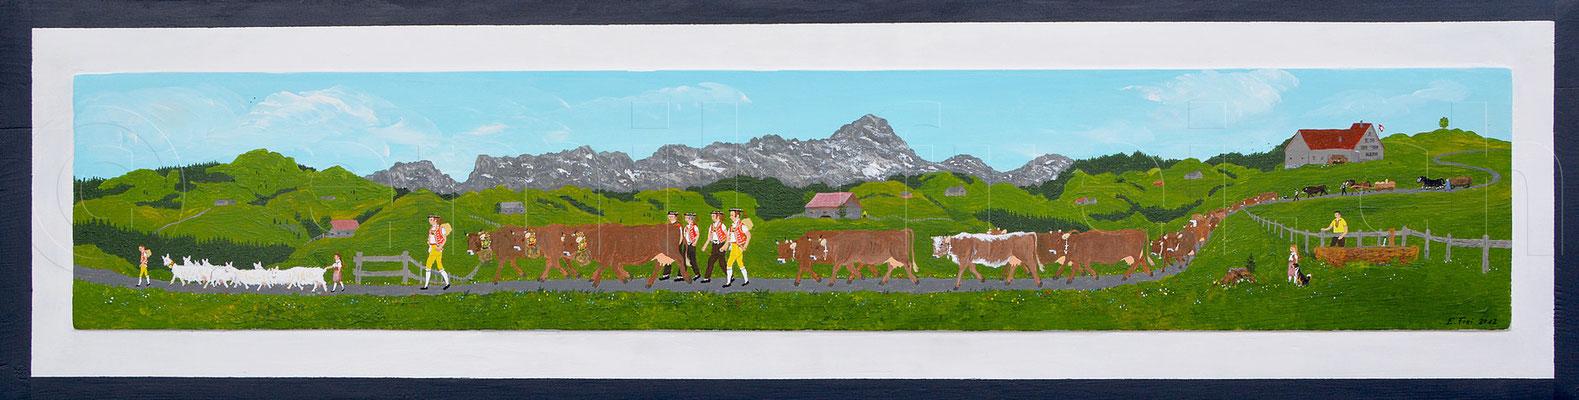 27 x 107 cm, Acryl auf Holz, 2012